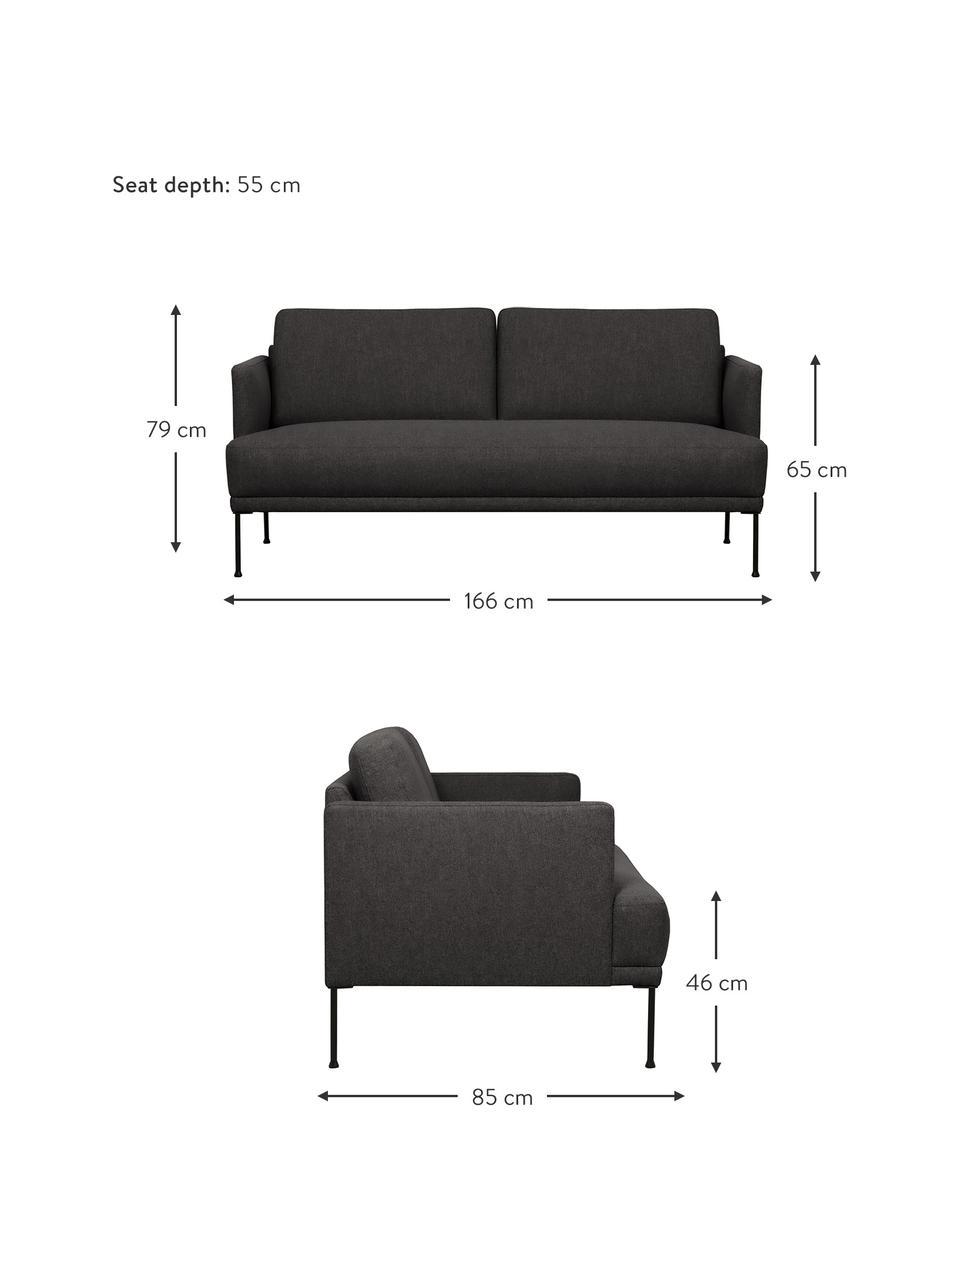 Sofa z metalowymi nogami Fluente (2-osobowa), Tapicerka: 100% poliester Dzięki tka, Nogi: metal malowany proszkowo, Ciemnyszary, S 166 x G 85 cm